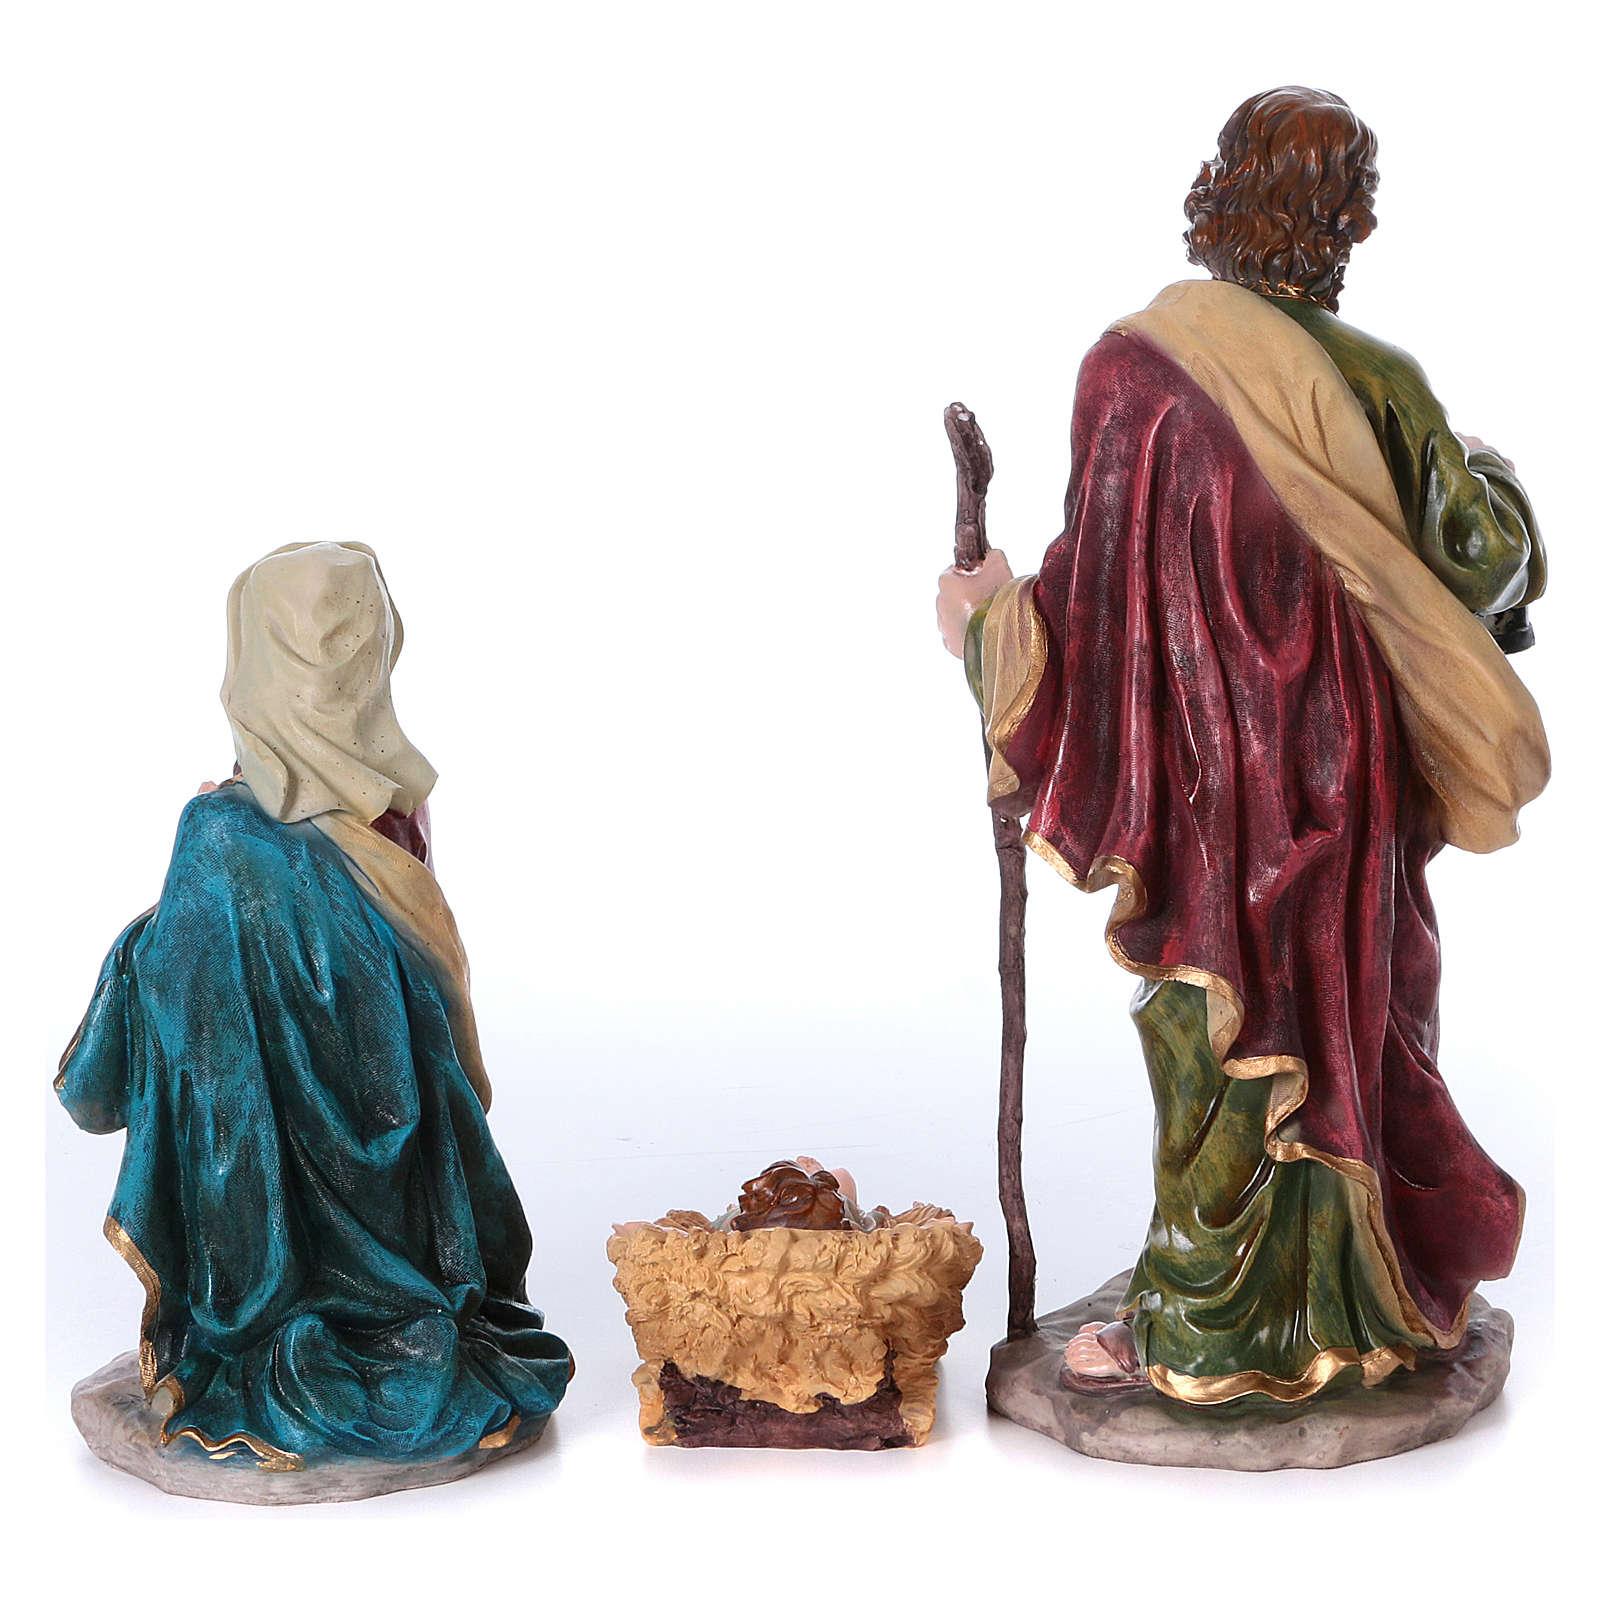 Presépio completo resina pintada 10 figuras altura média 50 cm 4